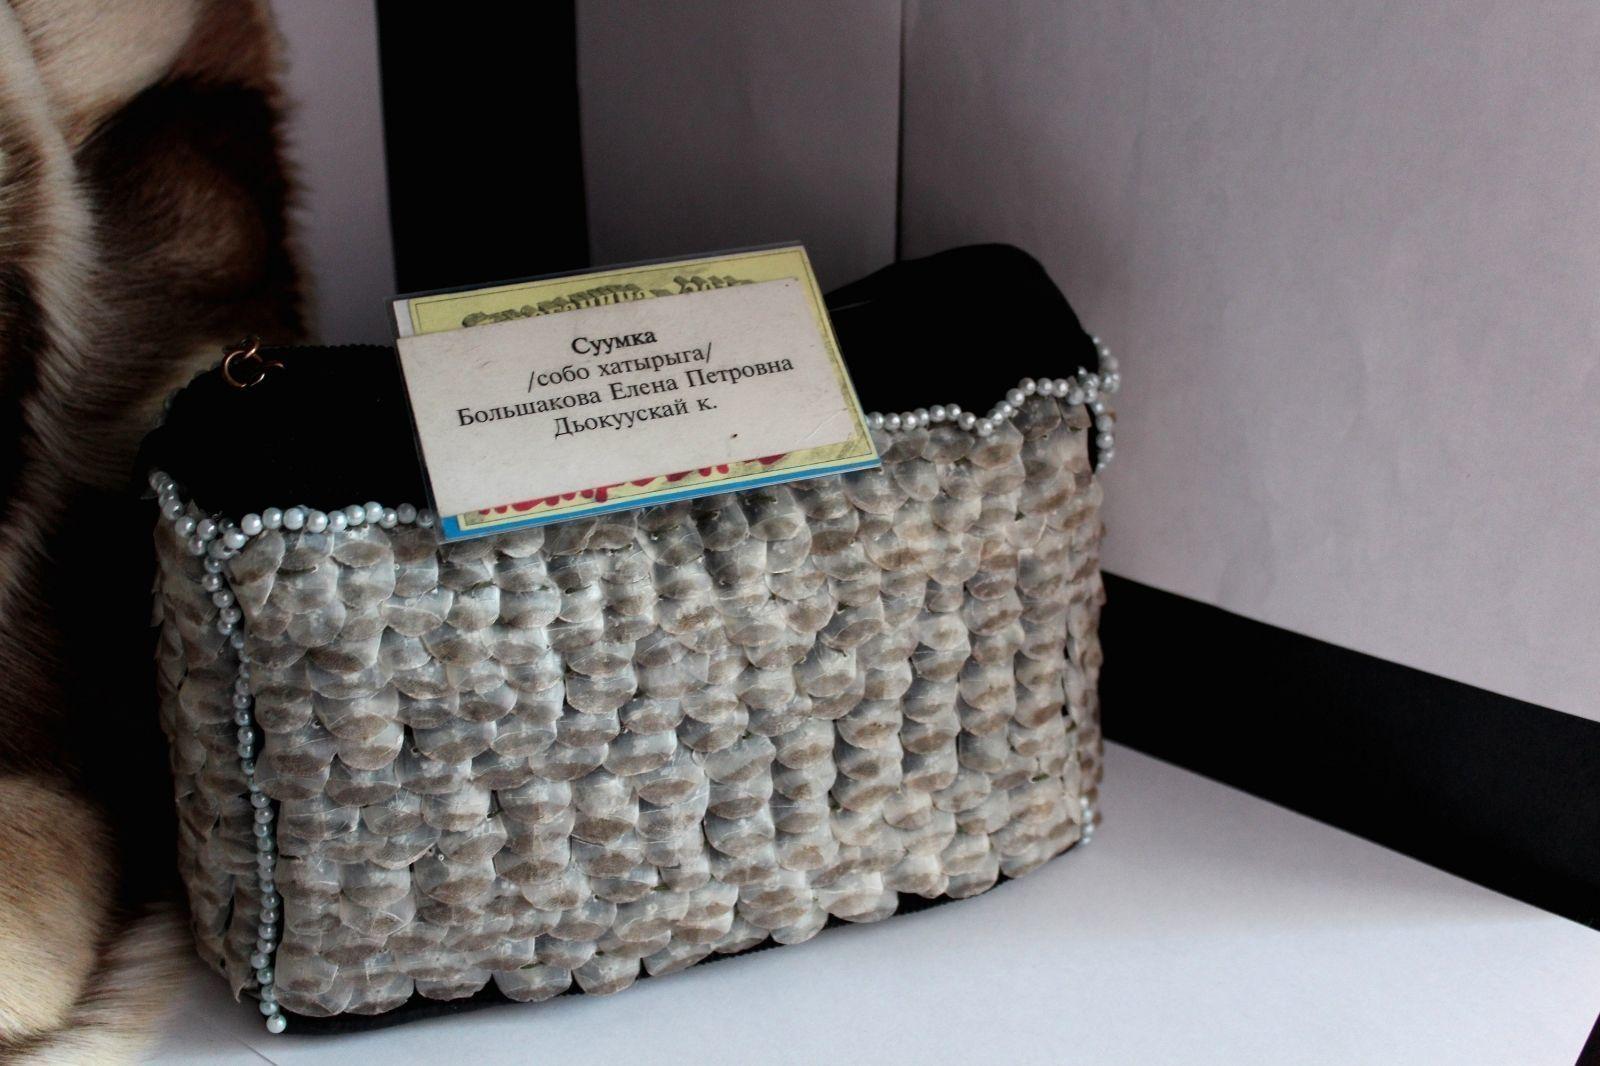 Выставка мастеров народного промысла прошла в Октябрьском округе